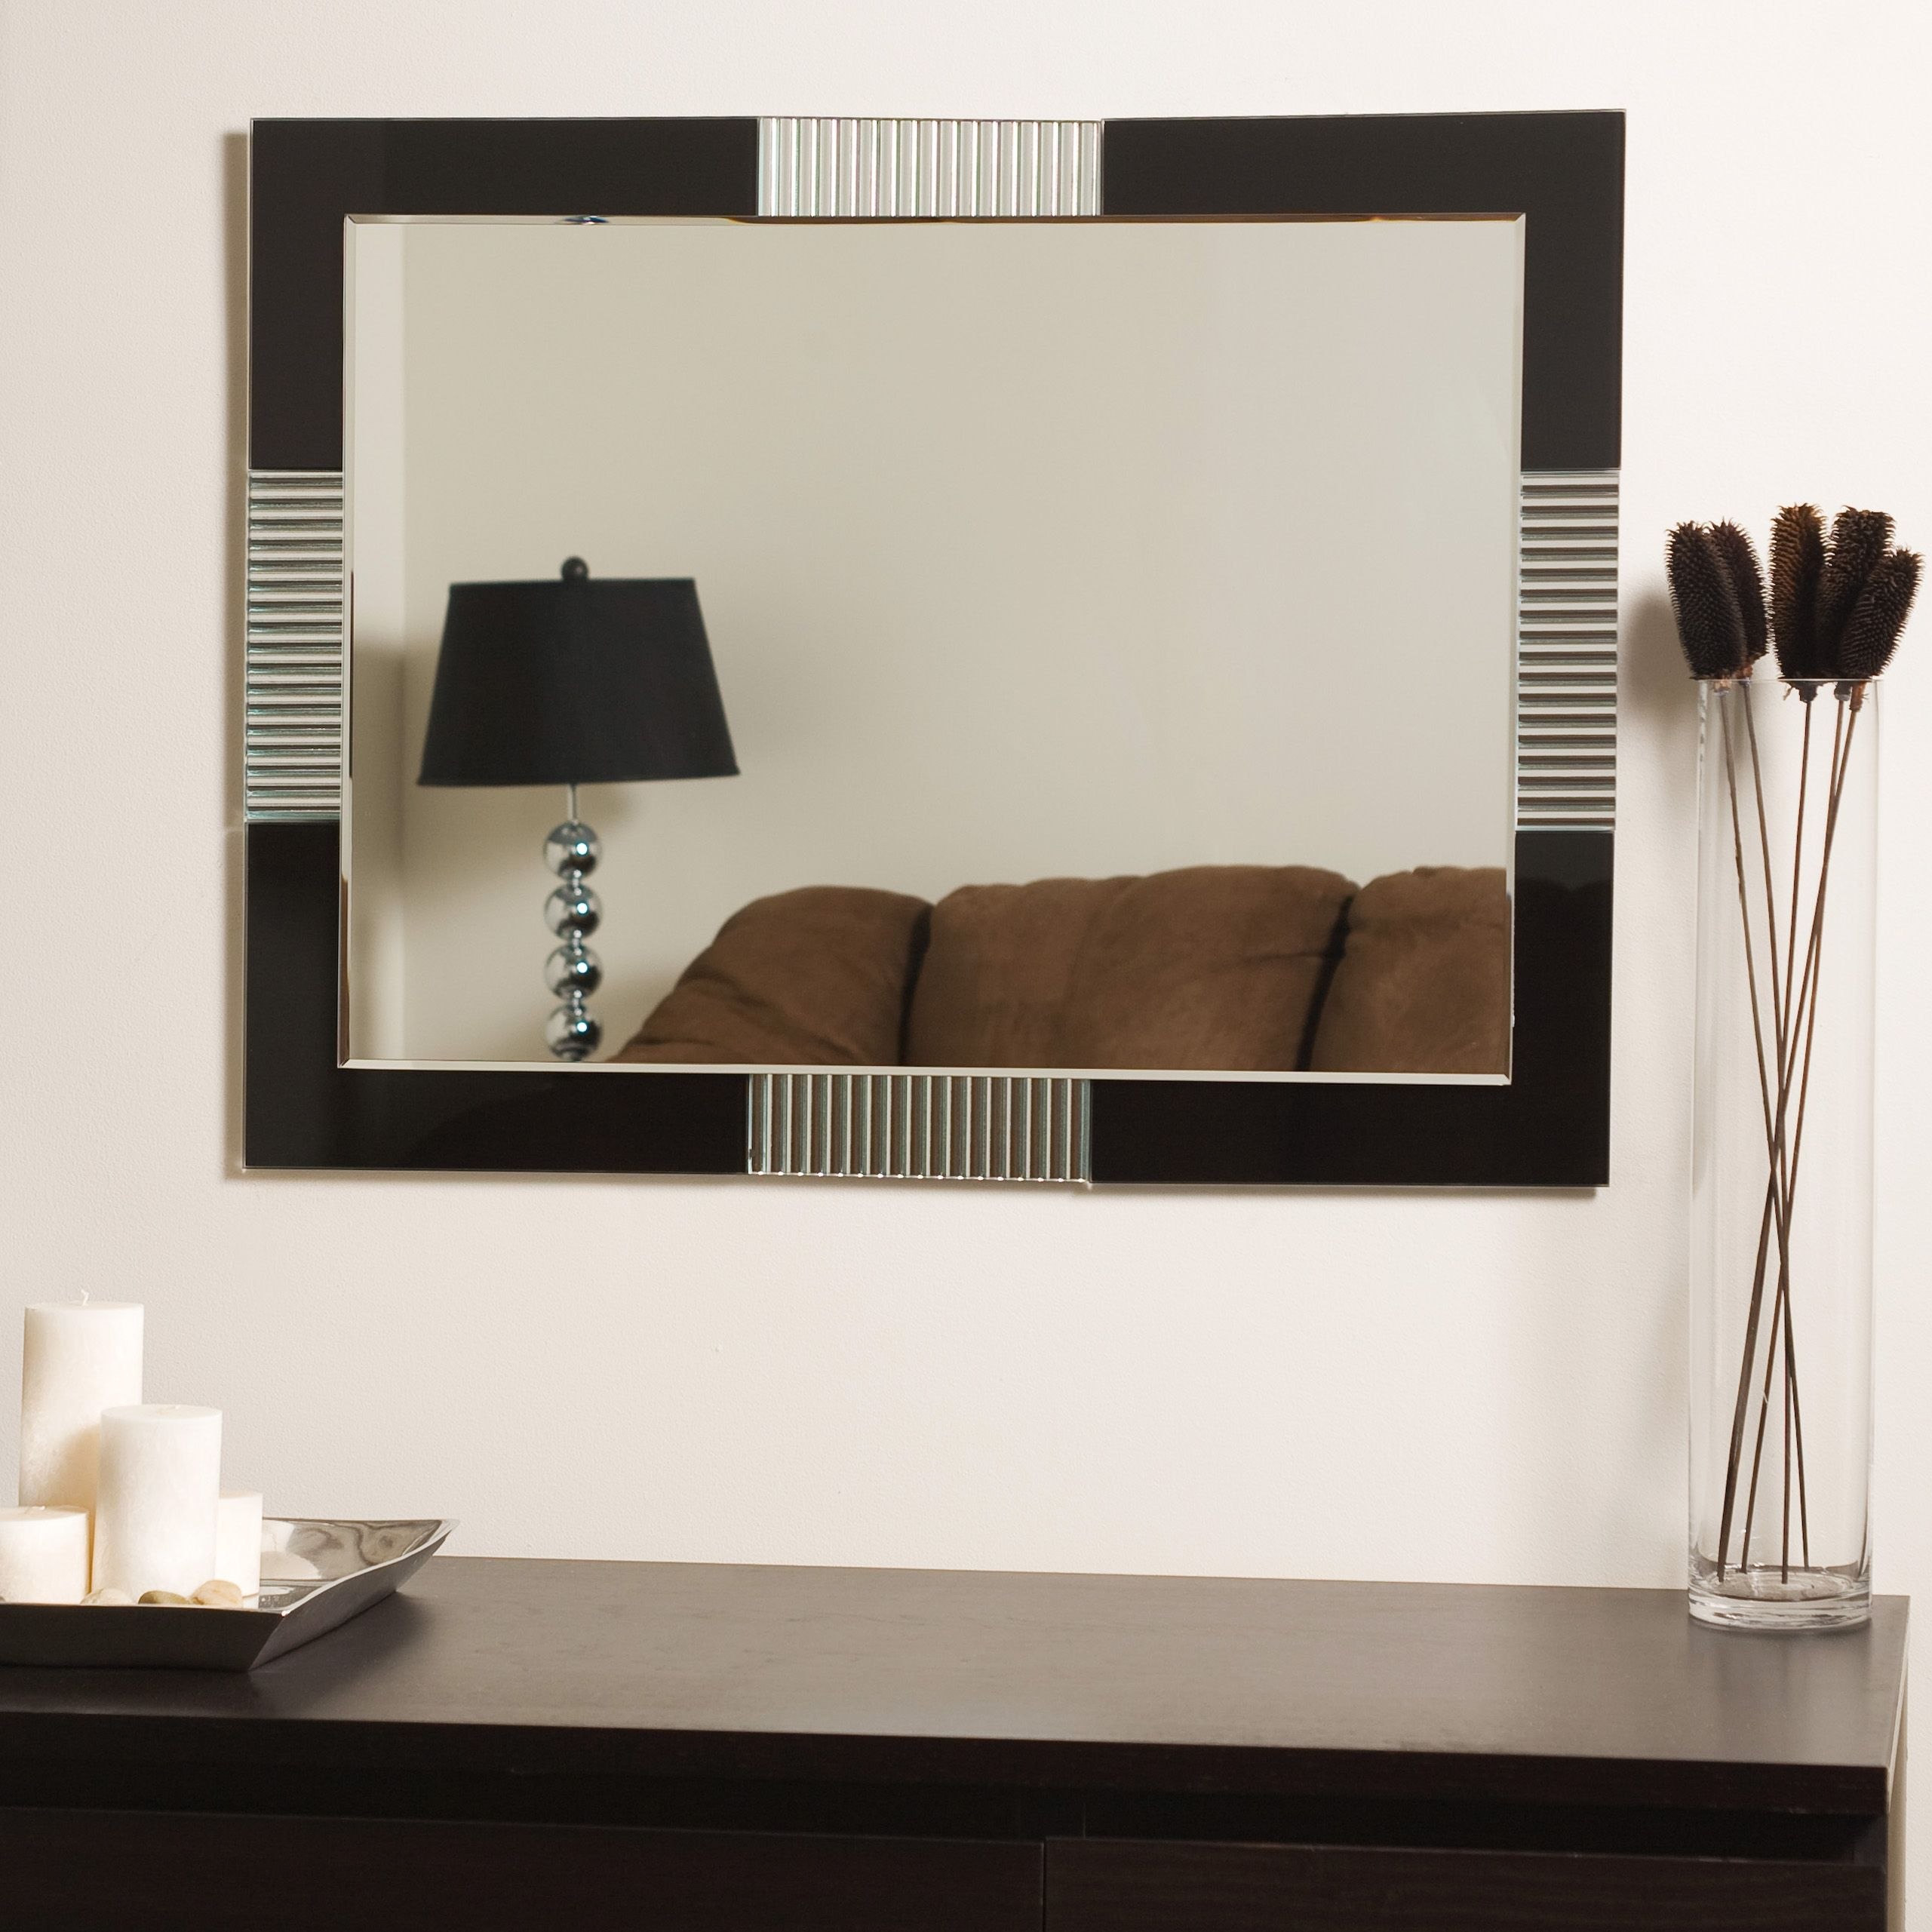 Francisco Large Frameless Wall Mirror Httpdrrw Pinterest